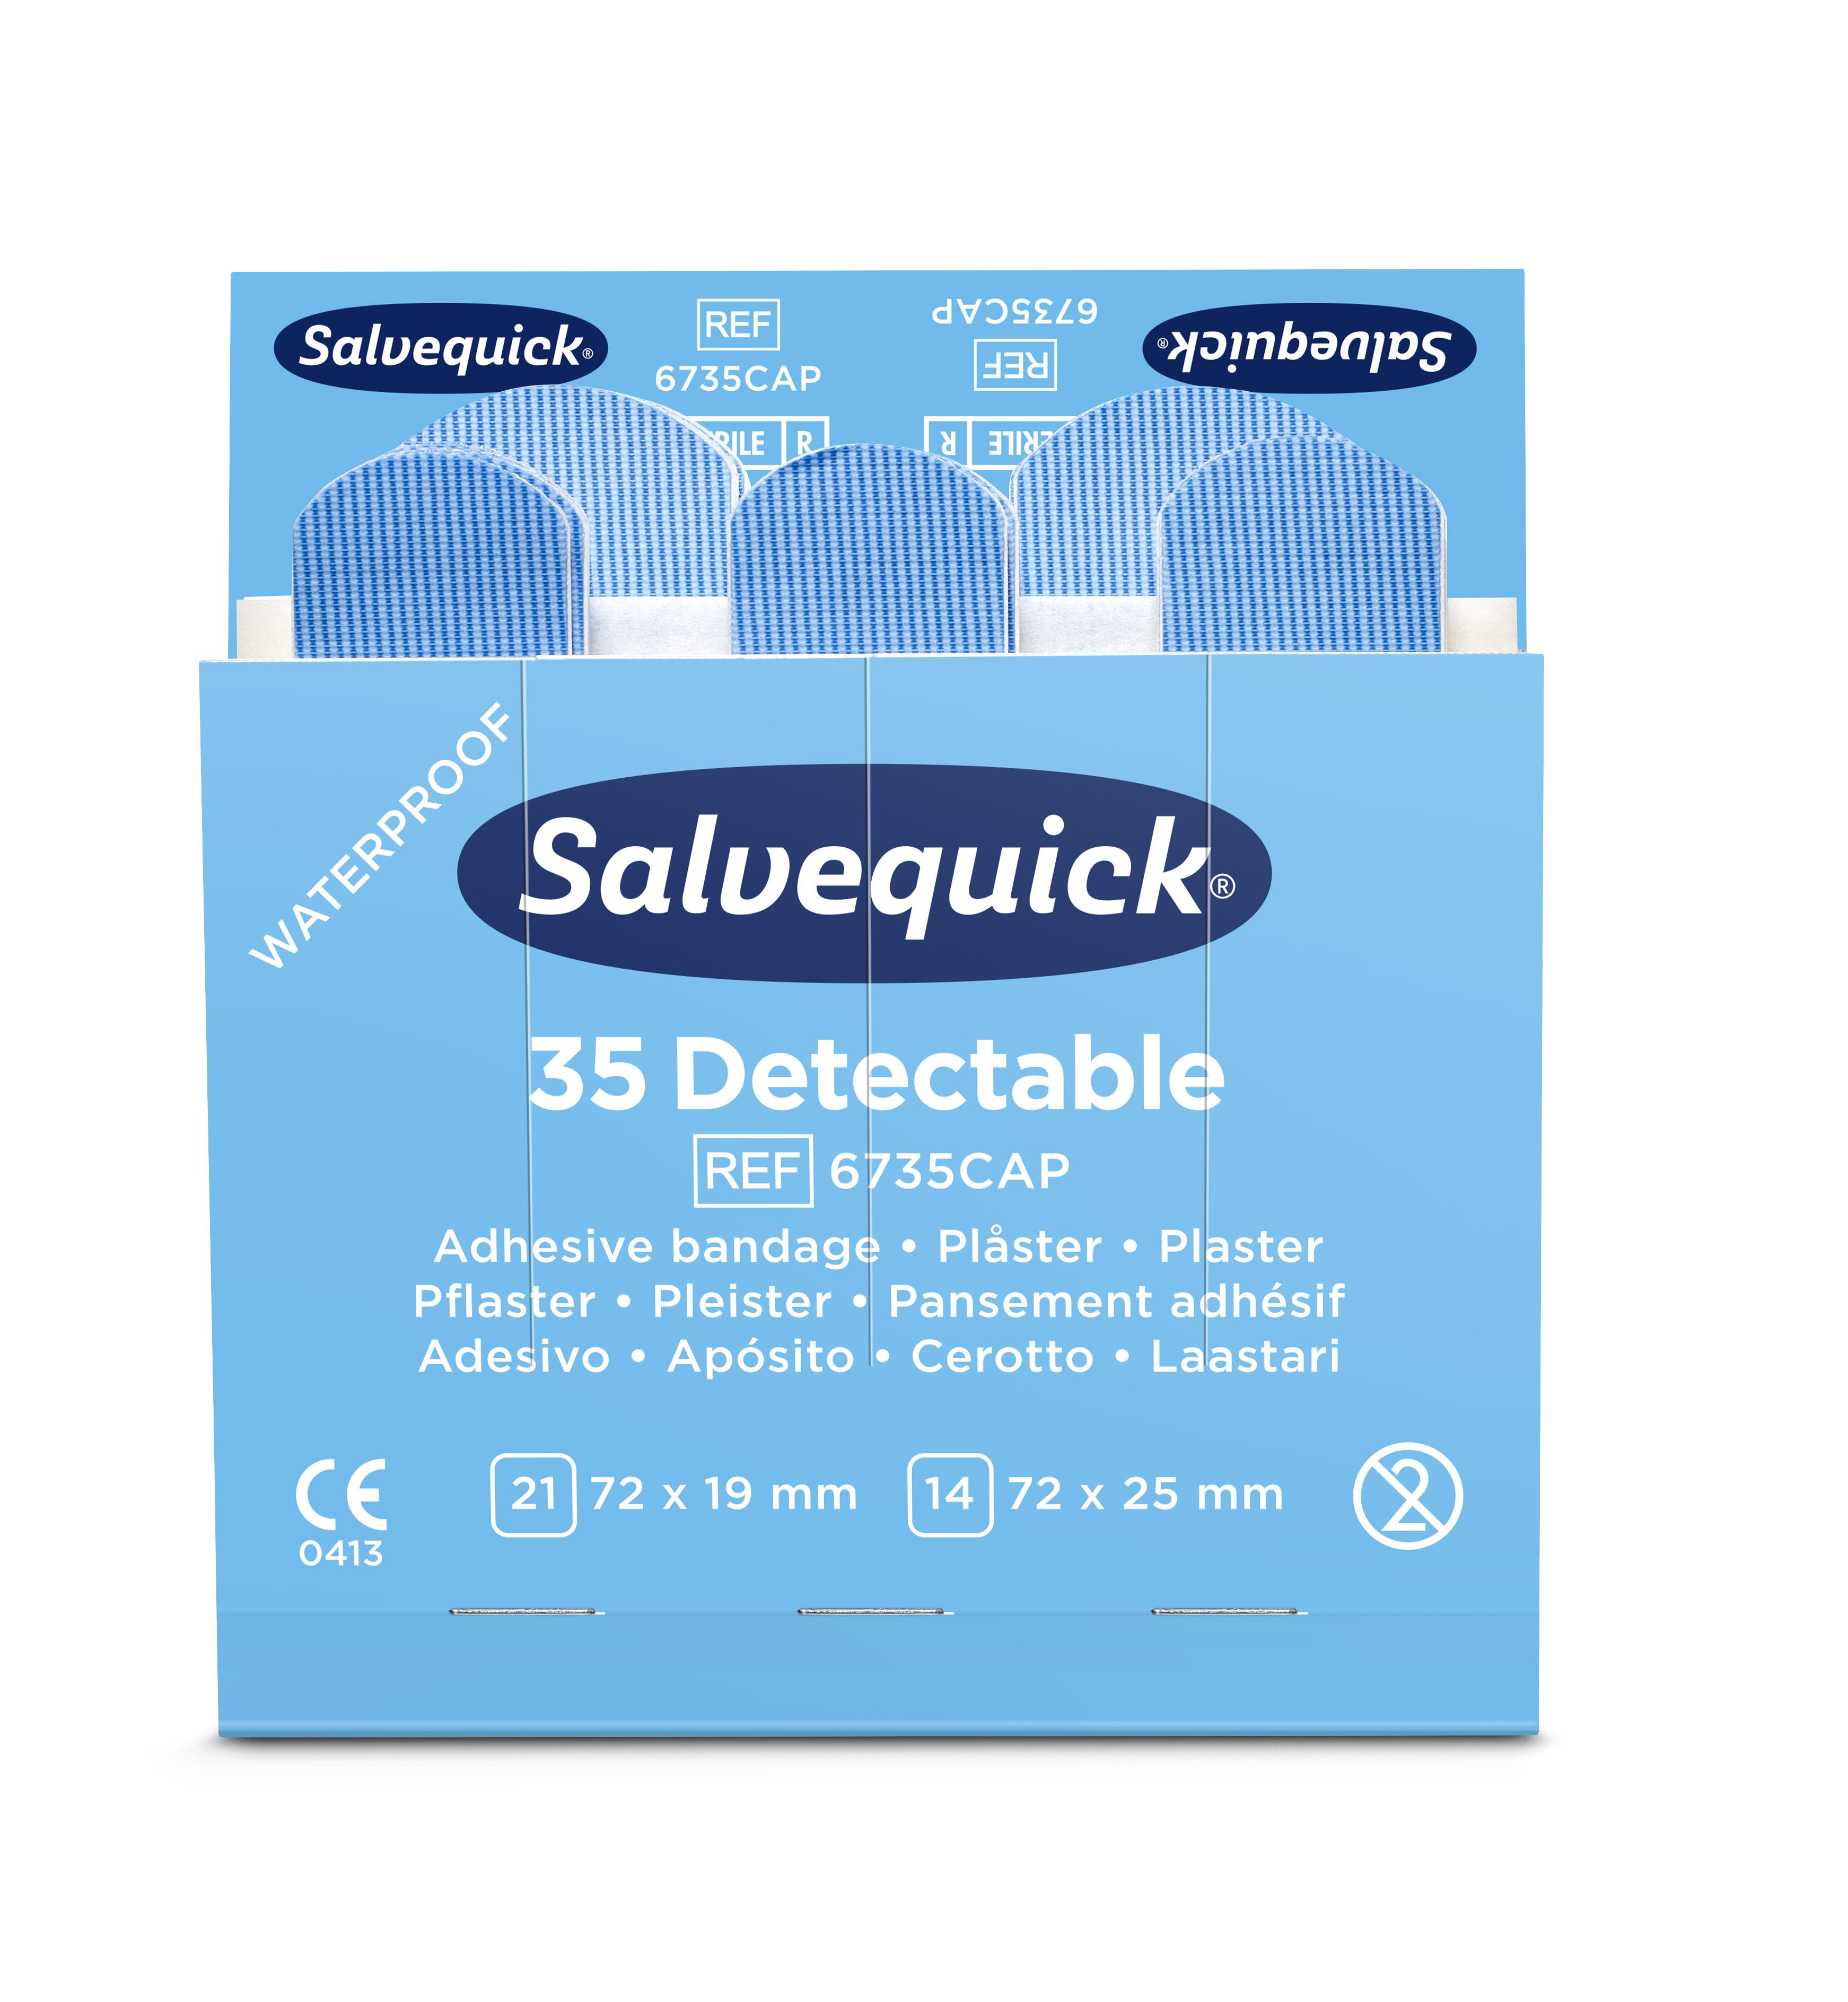 6735CAP-Salvequick-Blue-Detectable-Plaster-Front